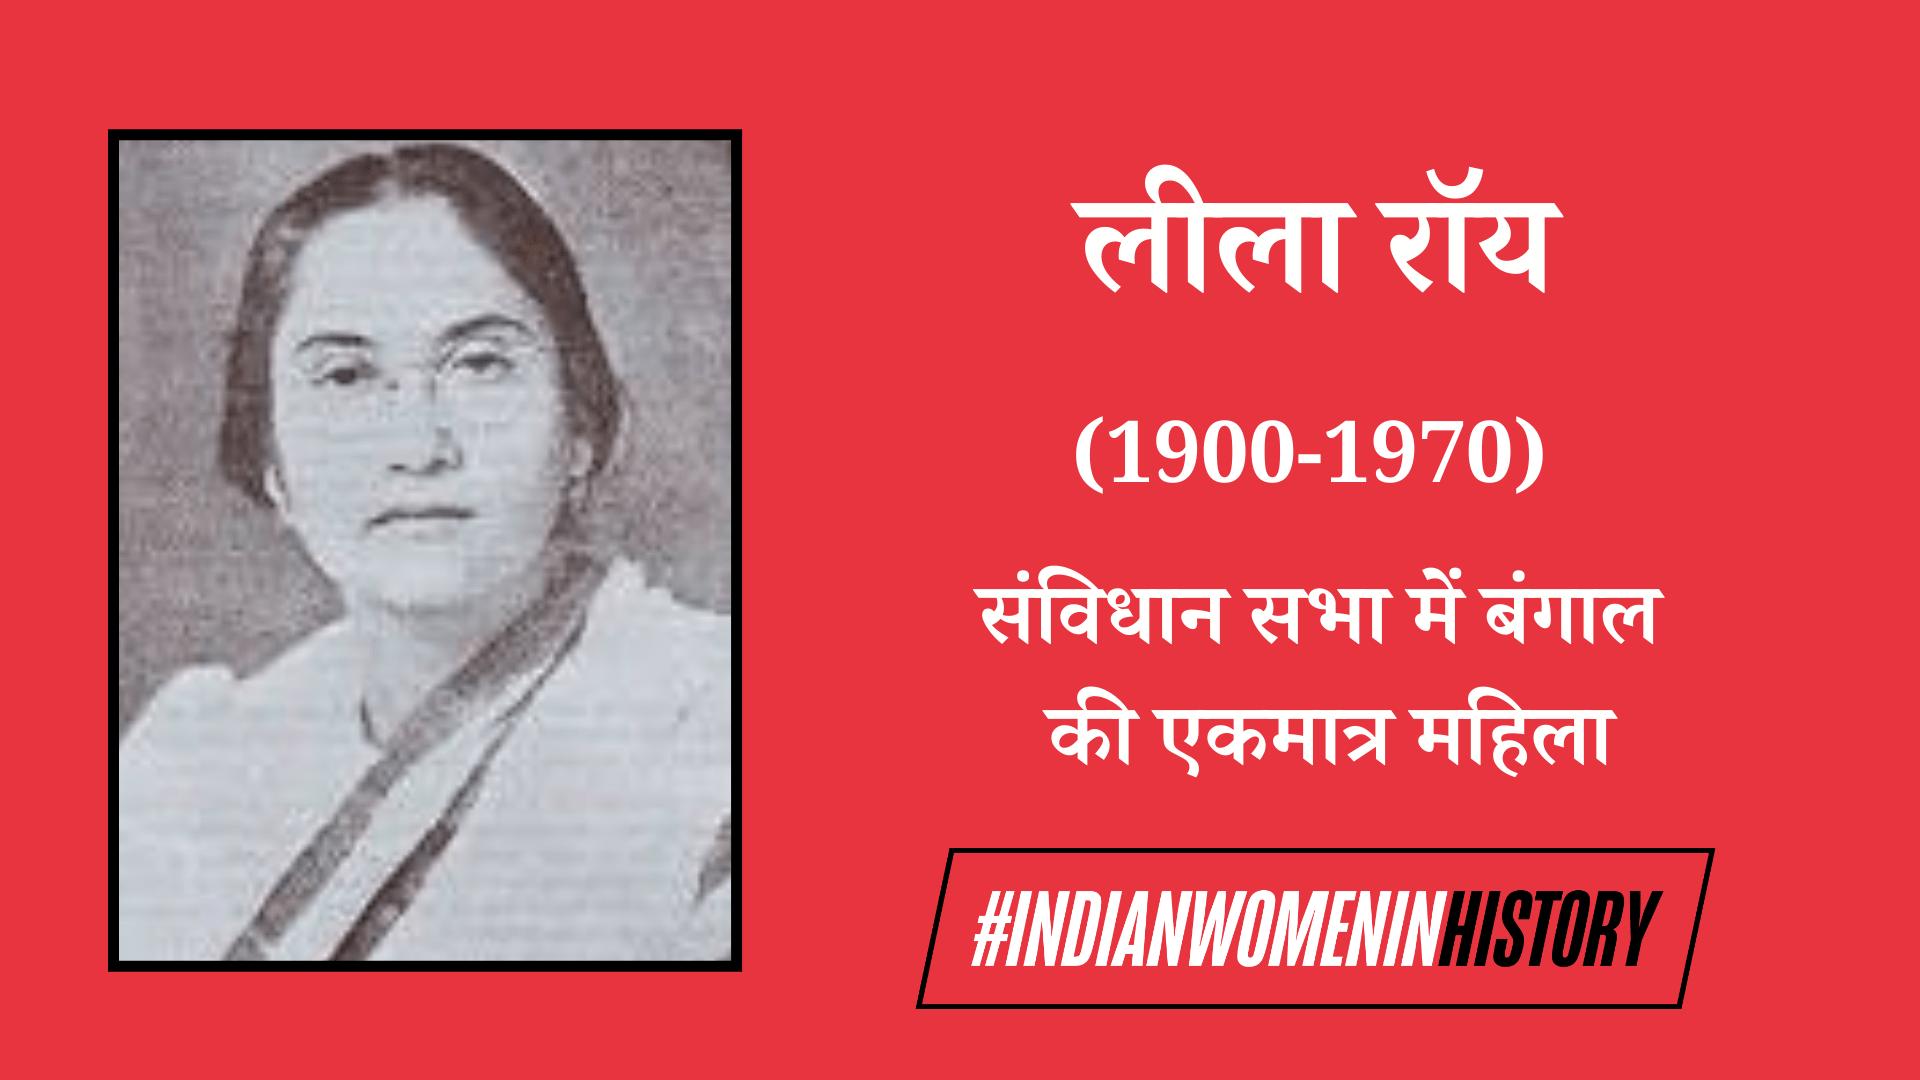 लीला रॉय: संविधान सभा में बंगाल की एकमात्र महिला  #IndianWomenInHistory